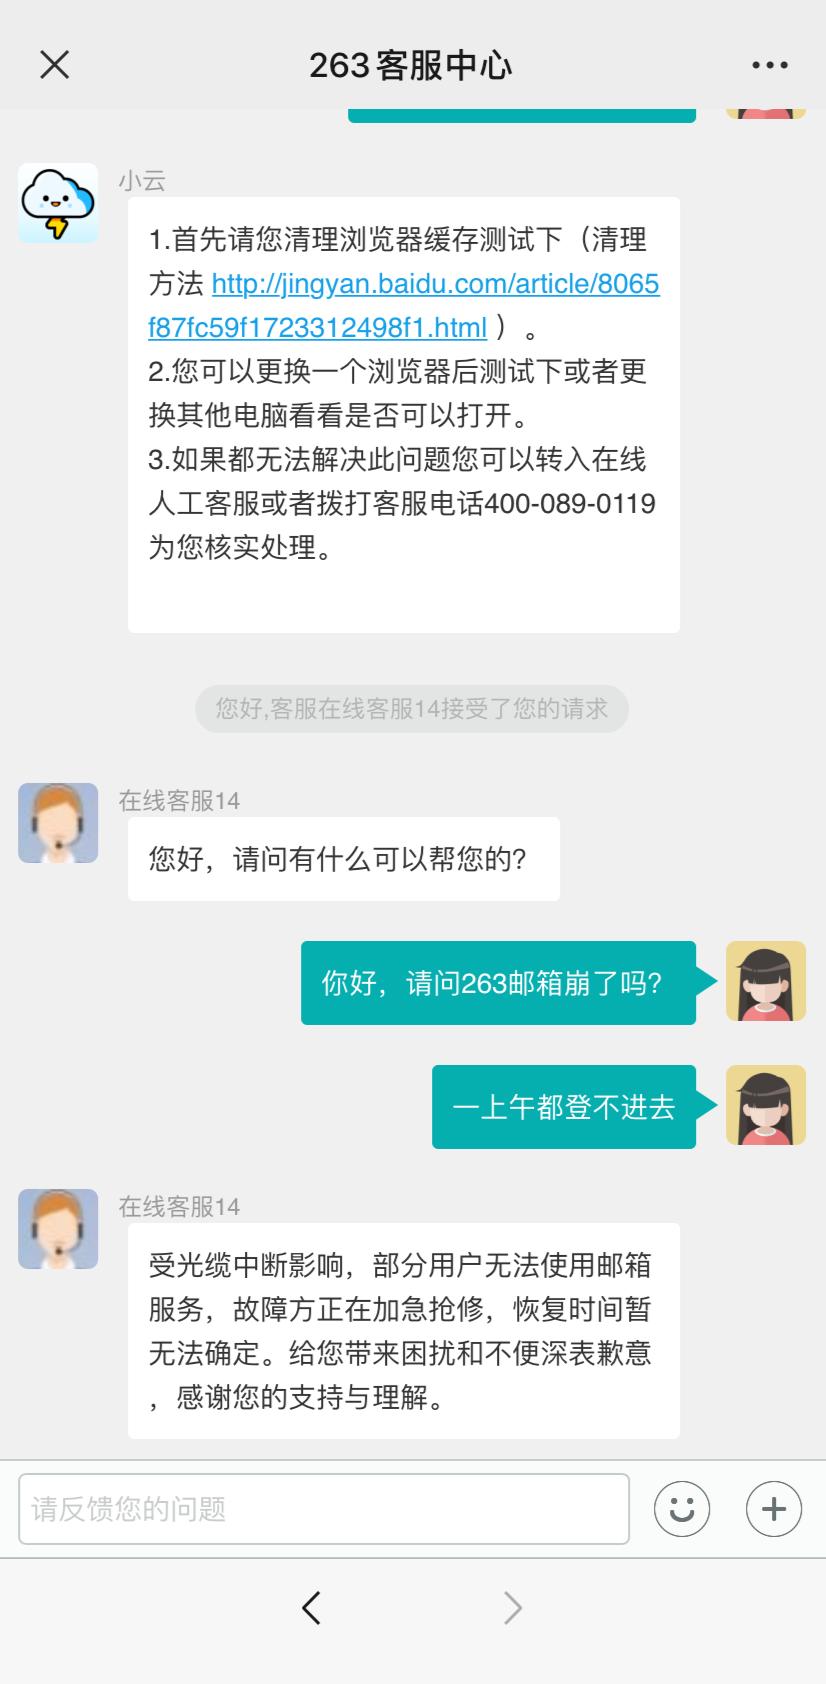 263企業郵箱回應郵箱故障:受光纜中斷影響 正在加急搶修